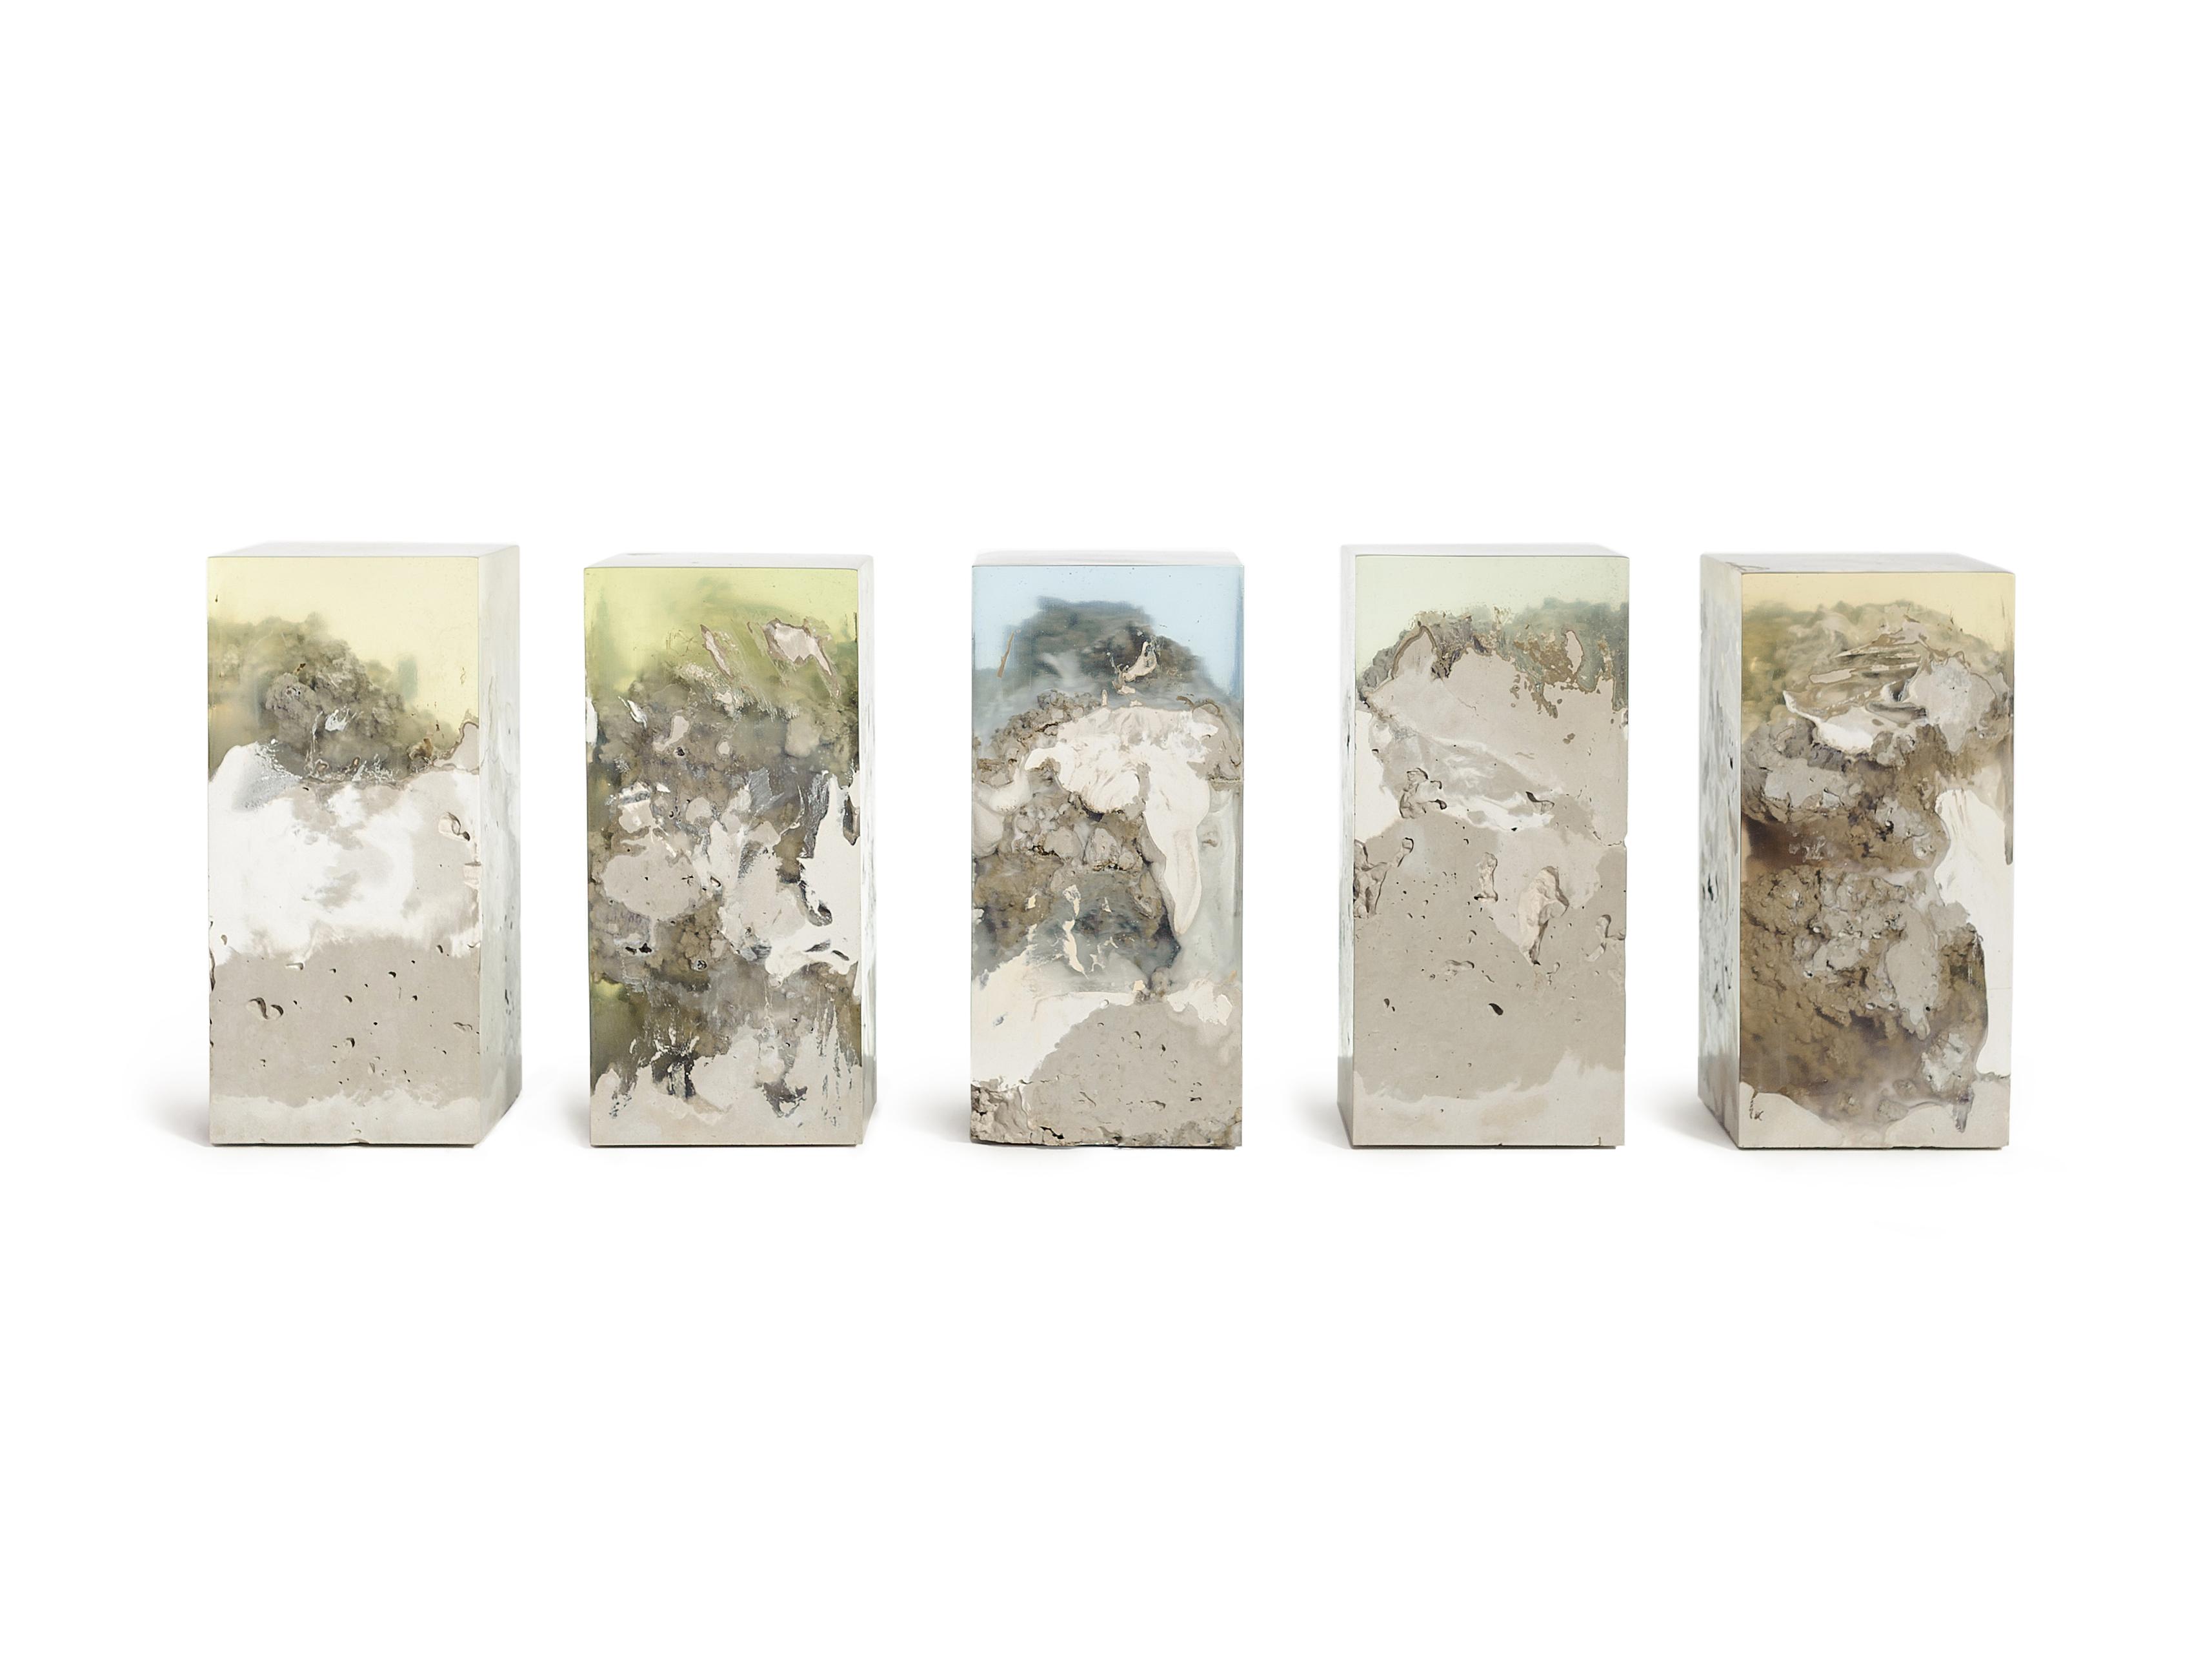 Robert Schrempp/Beton/Harz/Objekt/Kunst/